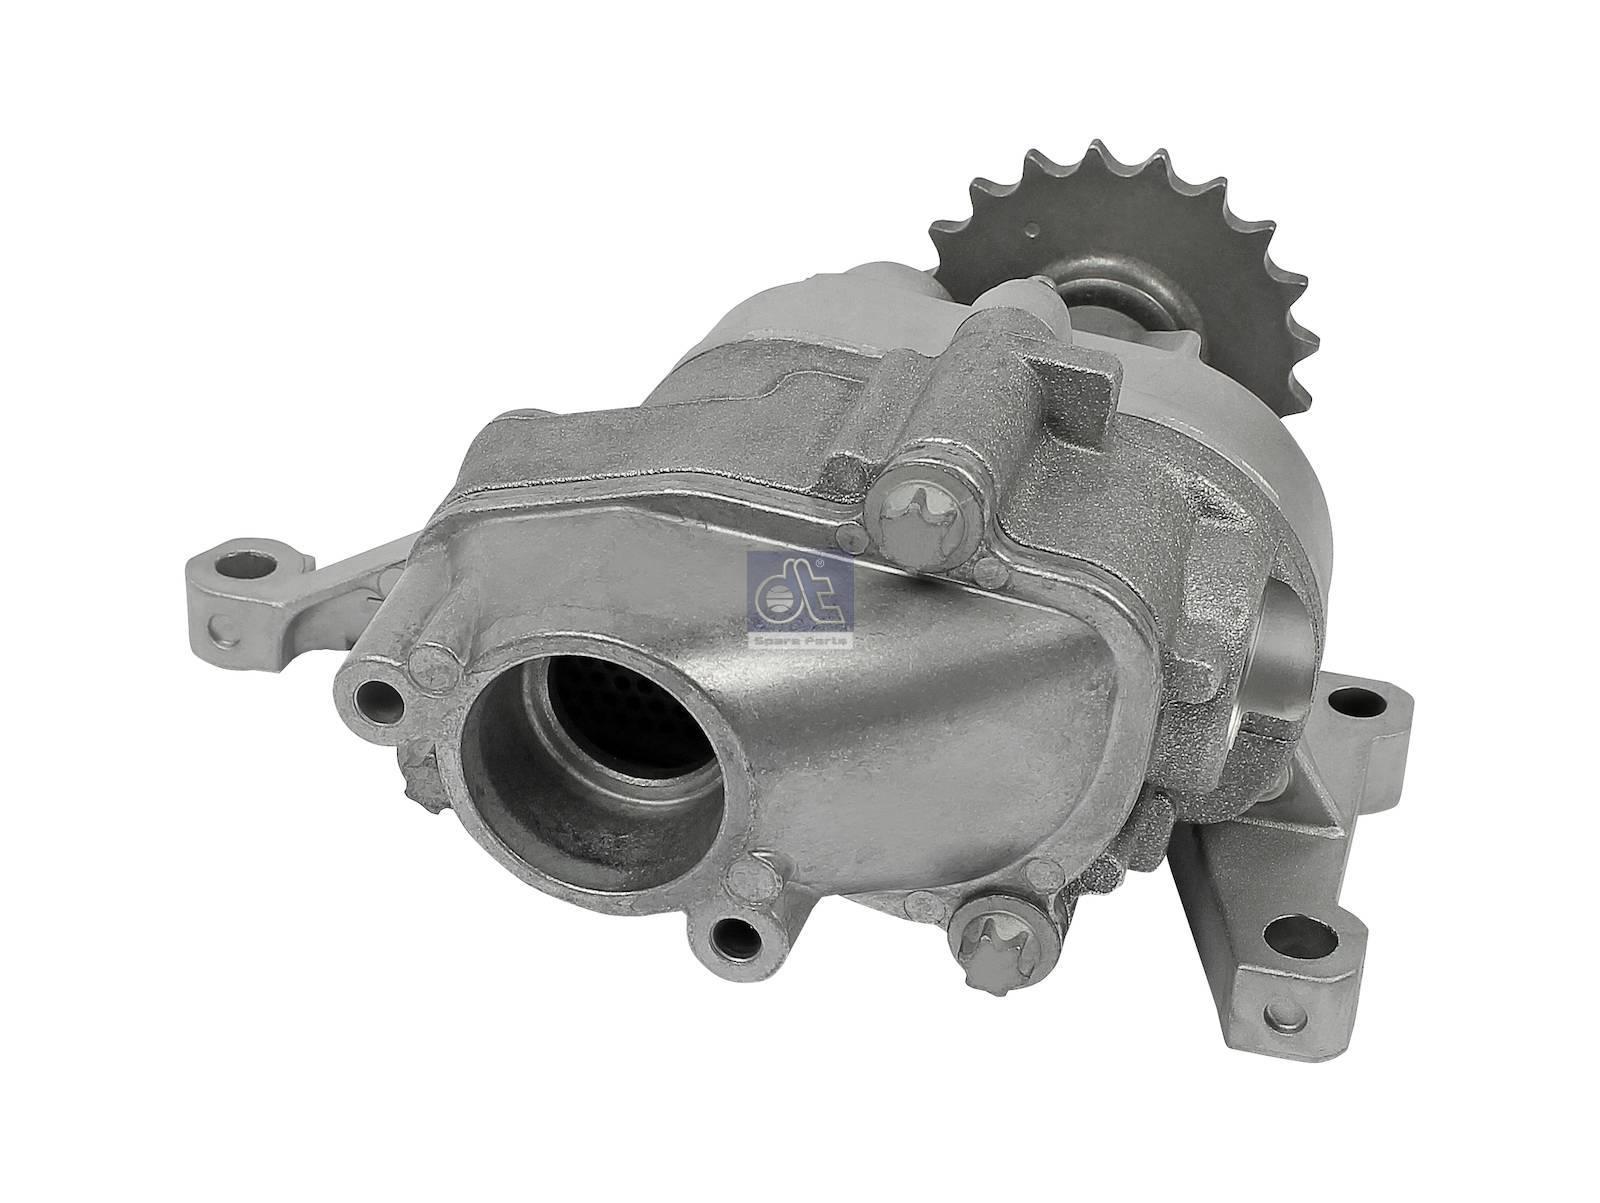 DT 4 68951 Oil pump 6461801601 suitable for Mercedes-Benz